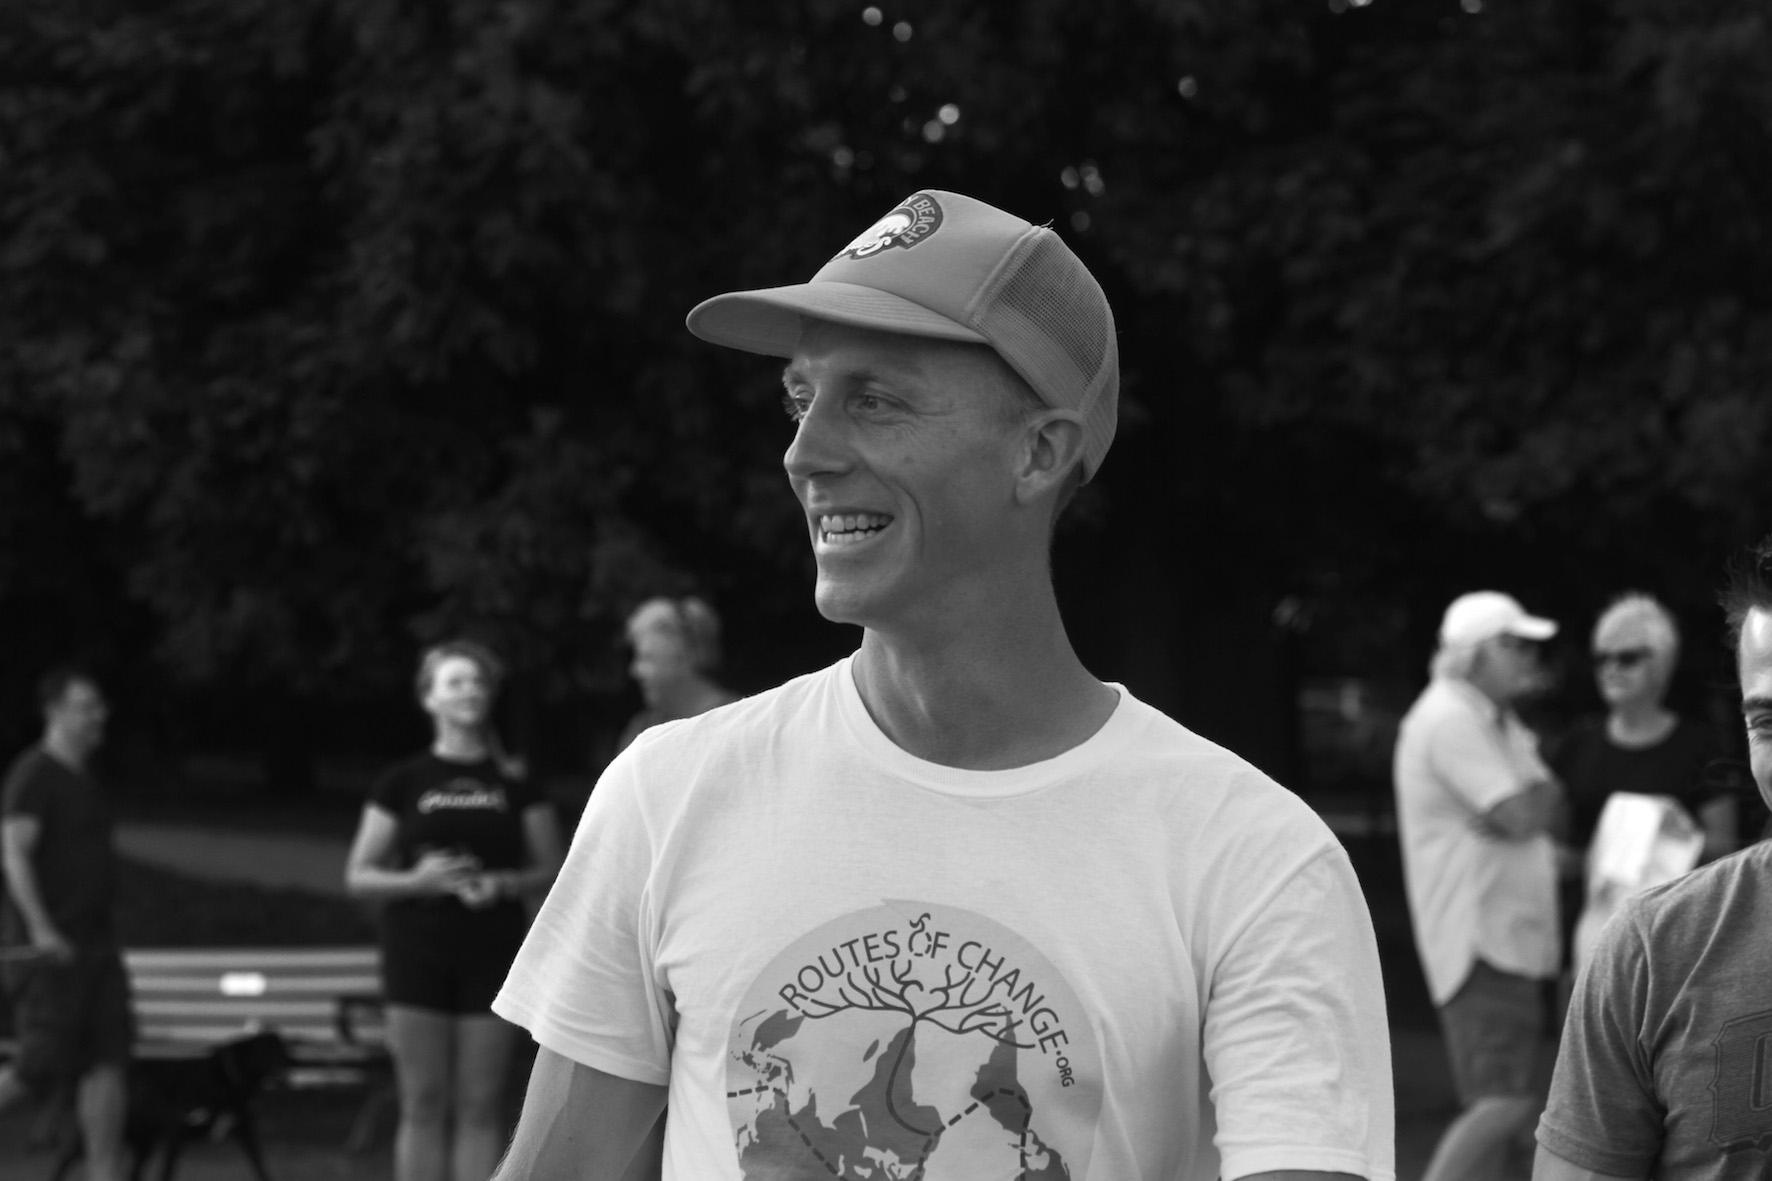 Markus Pukonen on routesofchange.org